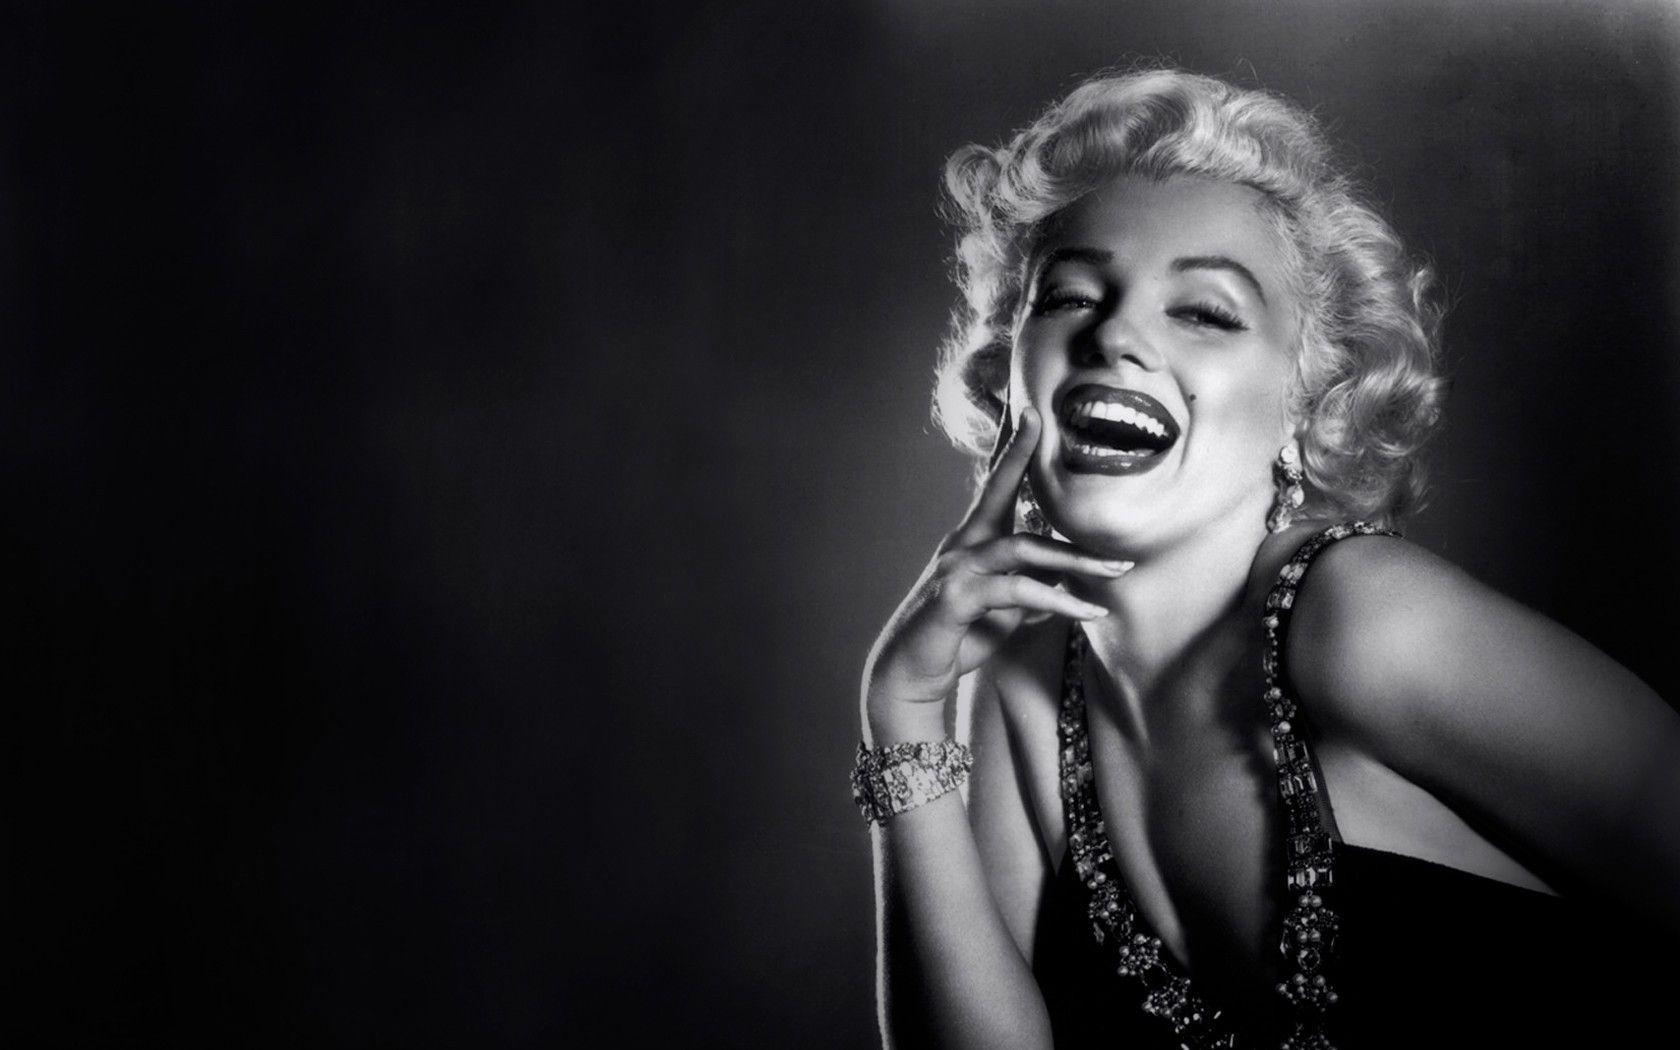 Marilyn Monroe Computer Wallpapers, Desktop Backgrounds 1680x1050 ...